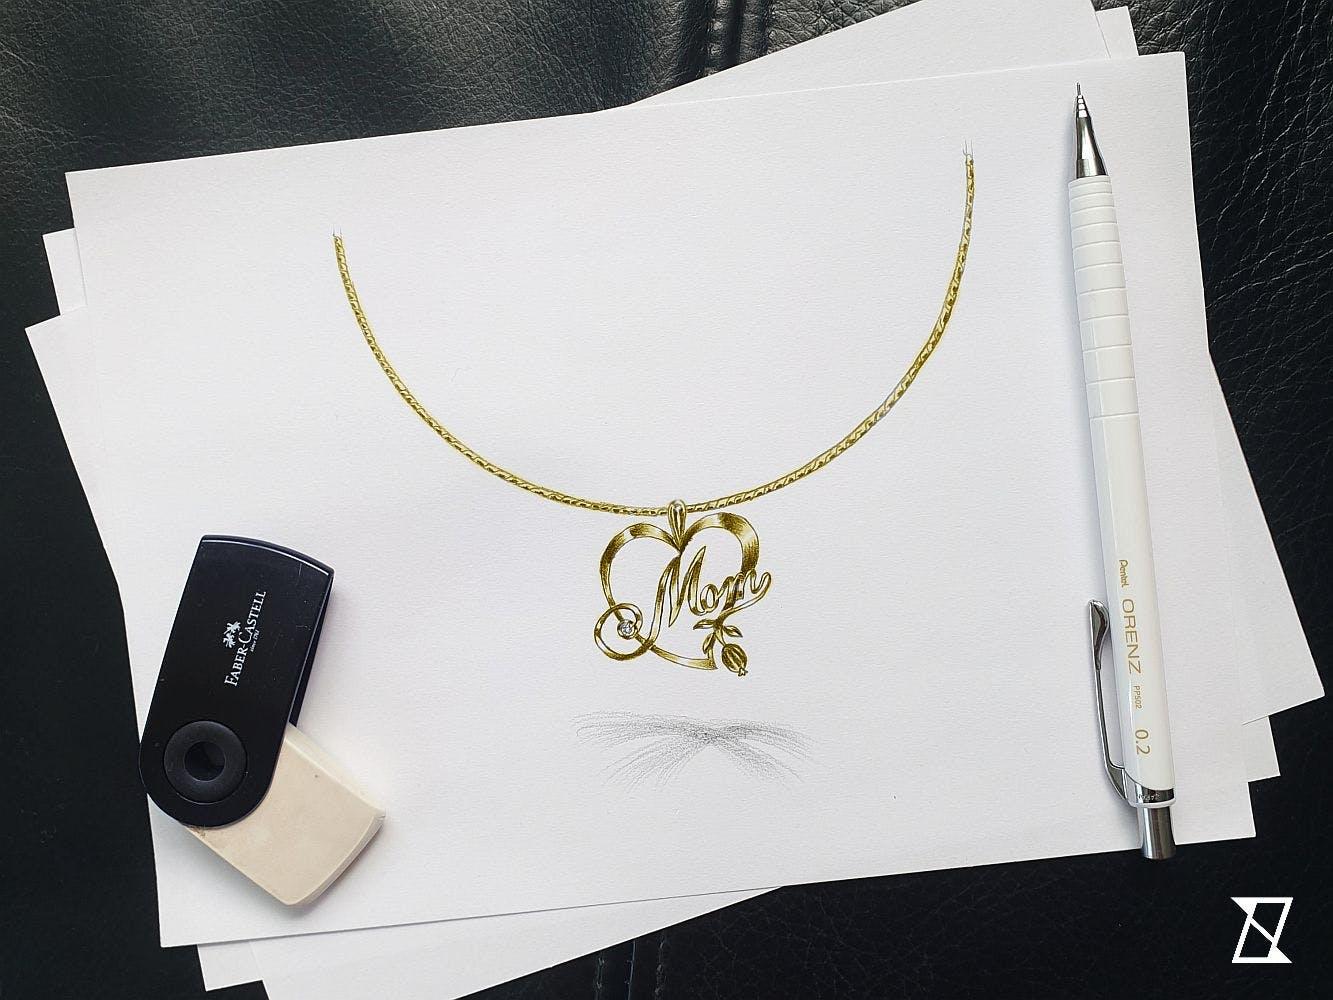 Projekt naszyjnika dla Mamy z serduszkiem i diamentem w złocie.